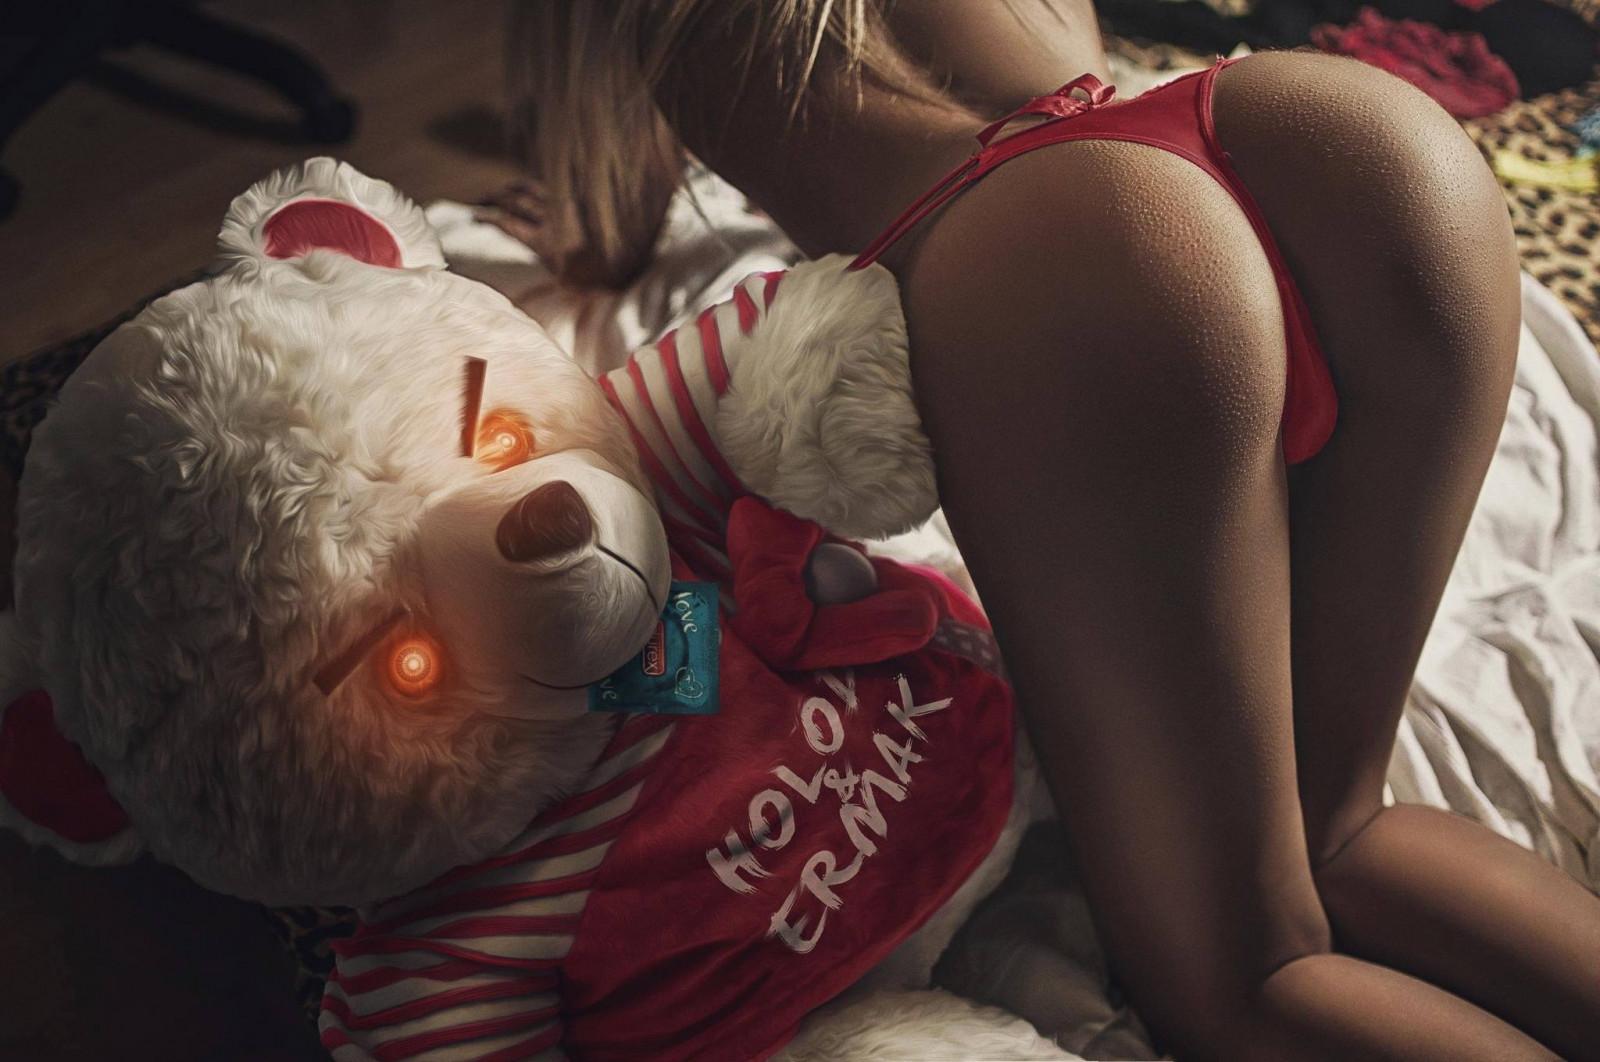 Эротическое фото с игрушками бесплатно, Секс с фаллоимитатором, порно фото девушек 13 фотография